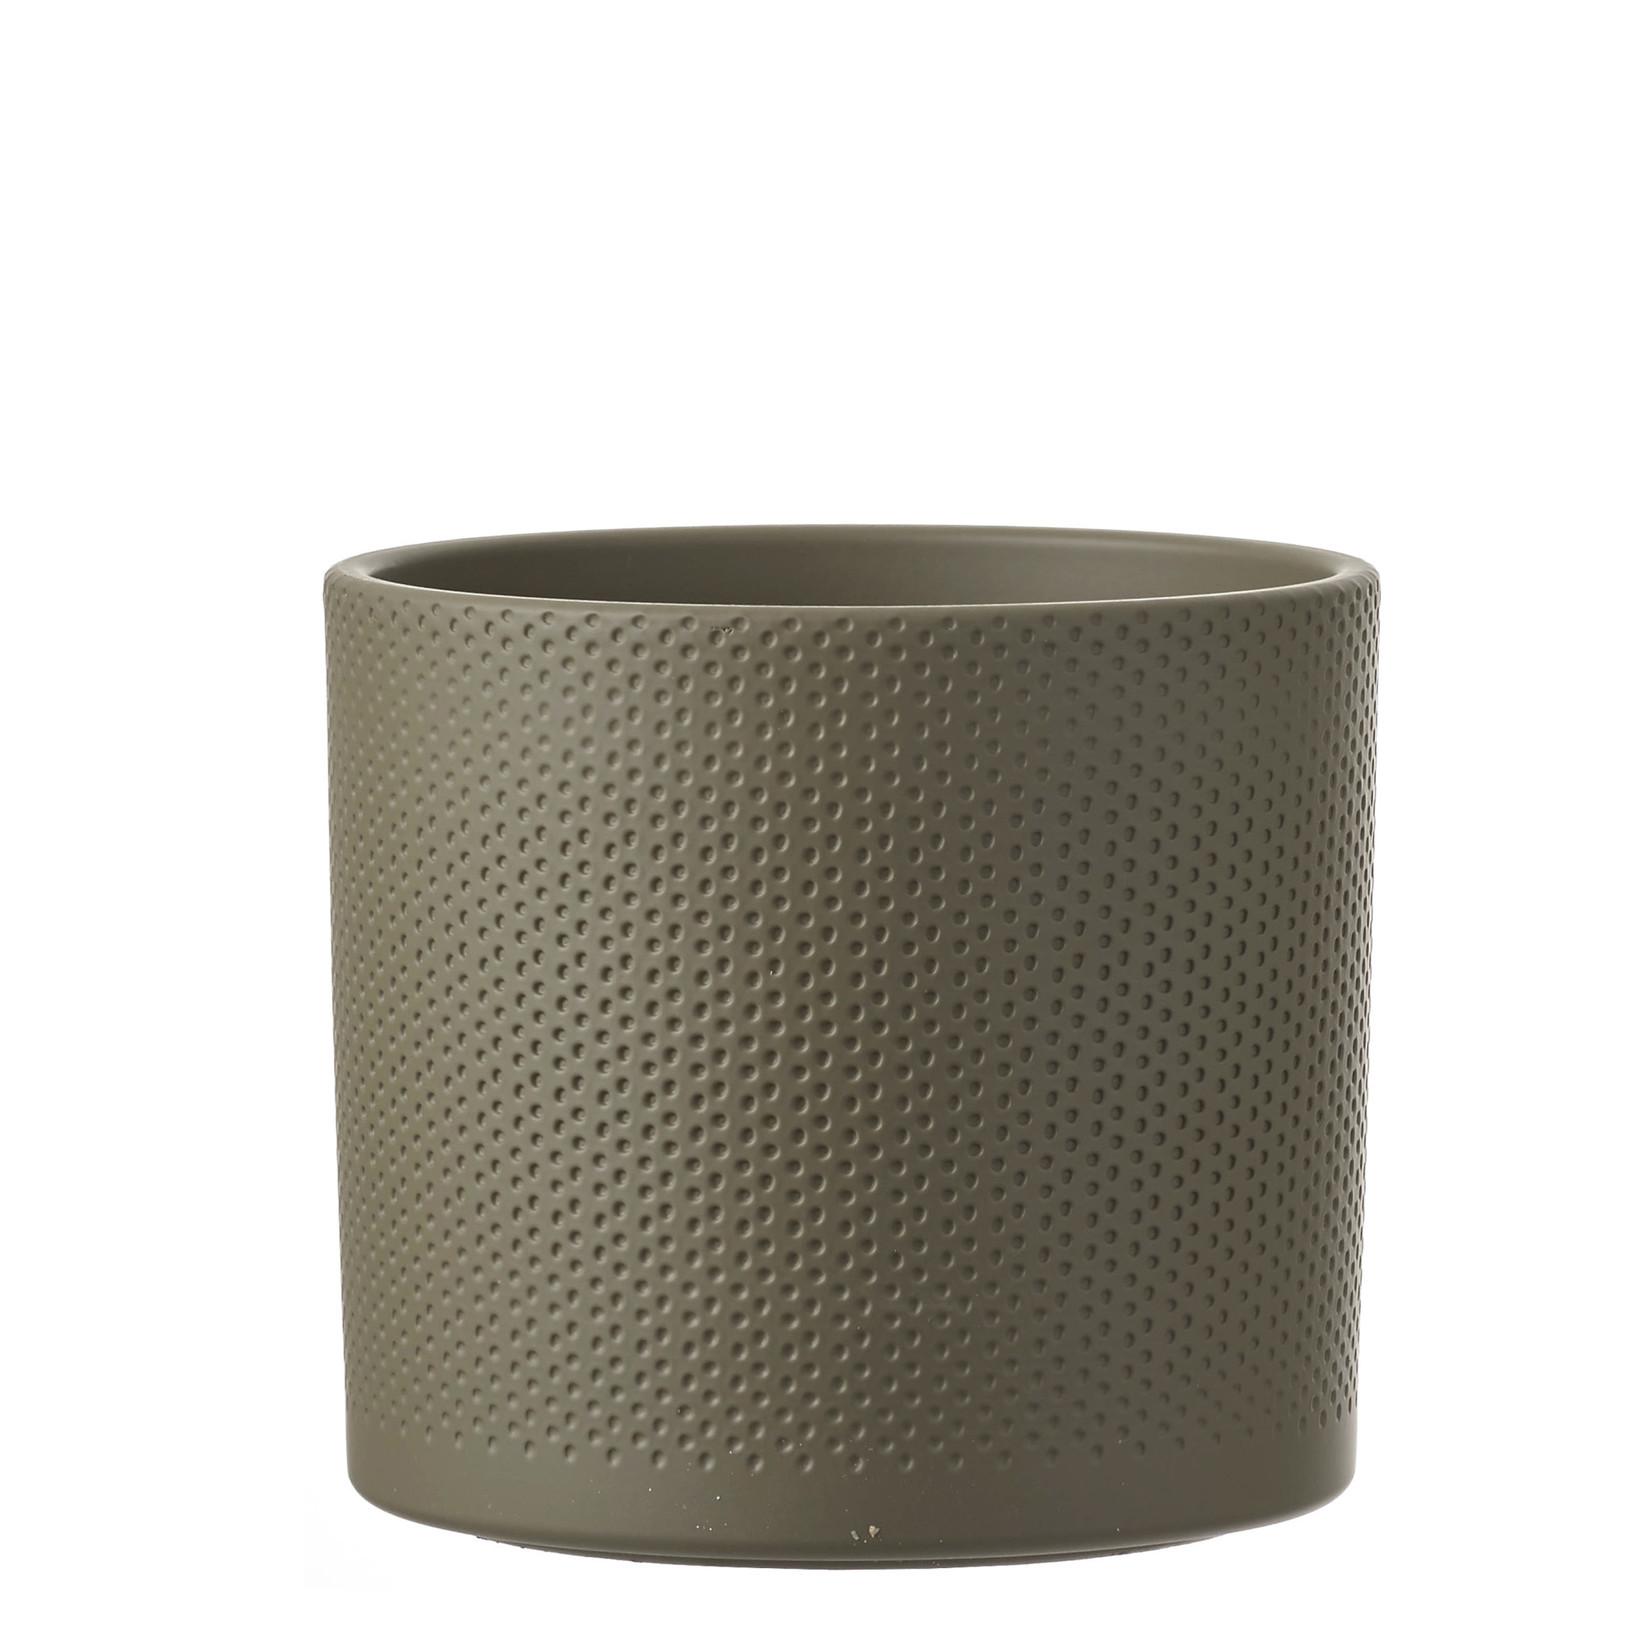 Era pot round green relief - h21,5xd23cm